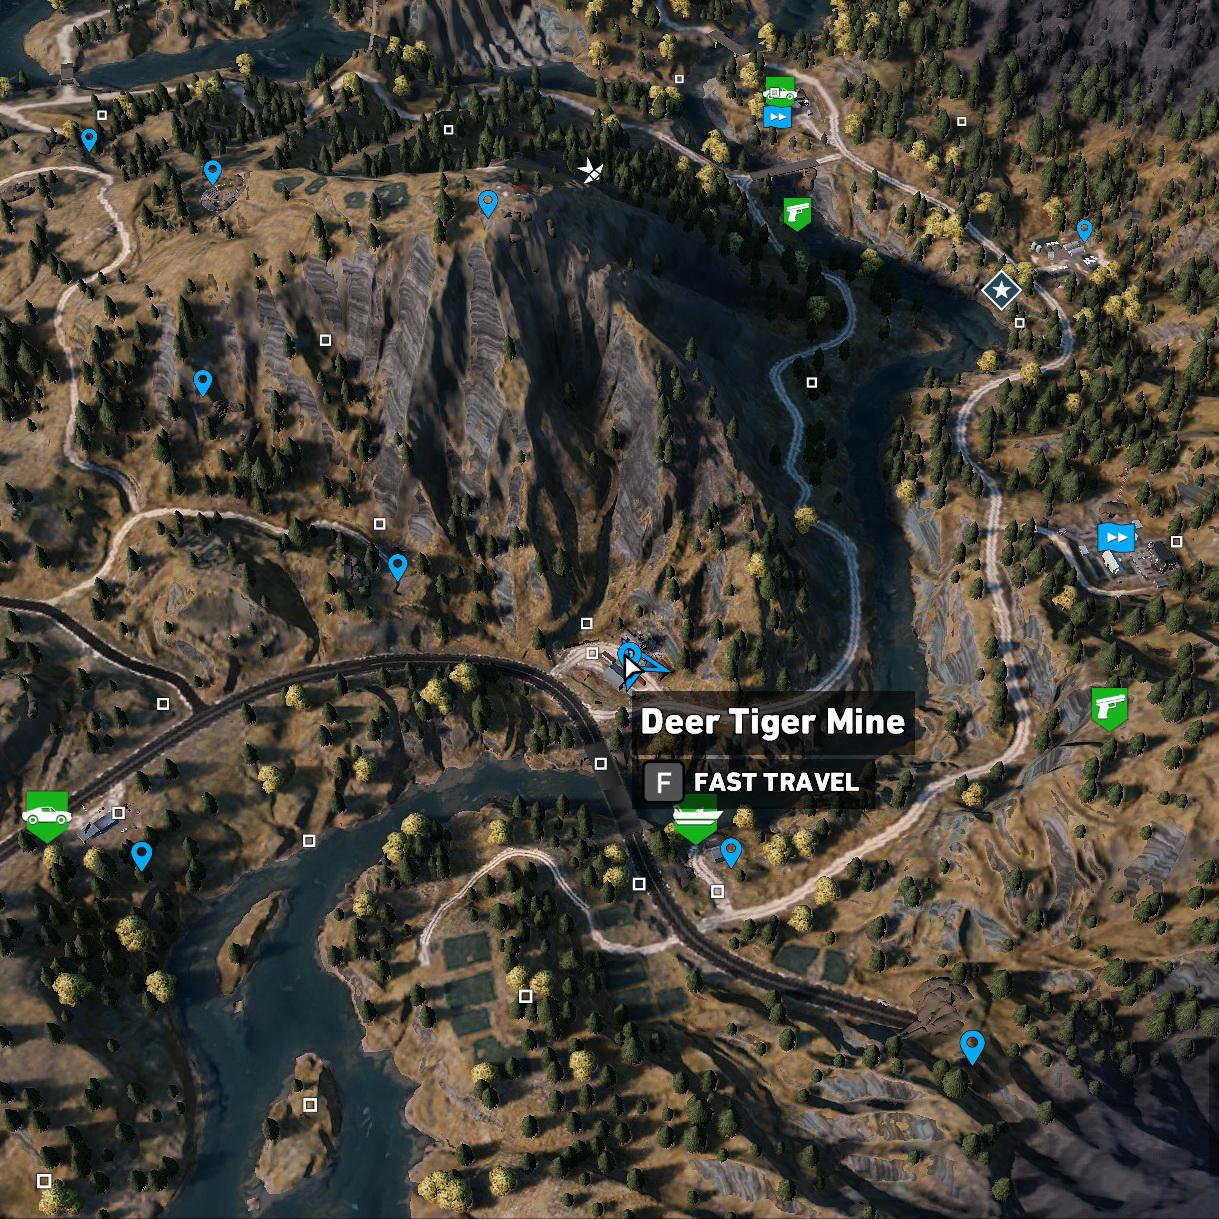 Deer Tiger Mine